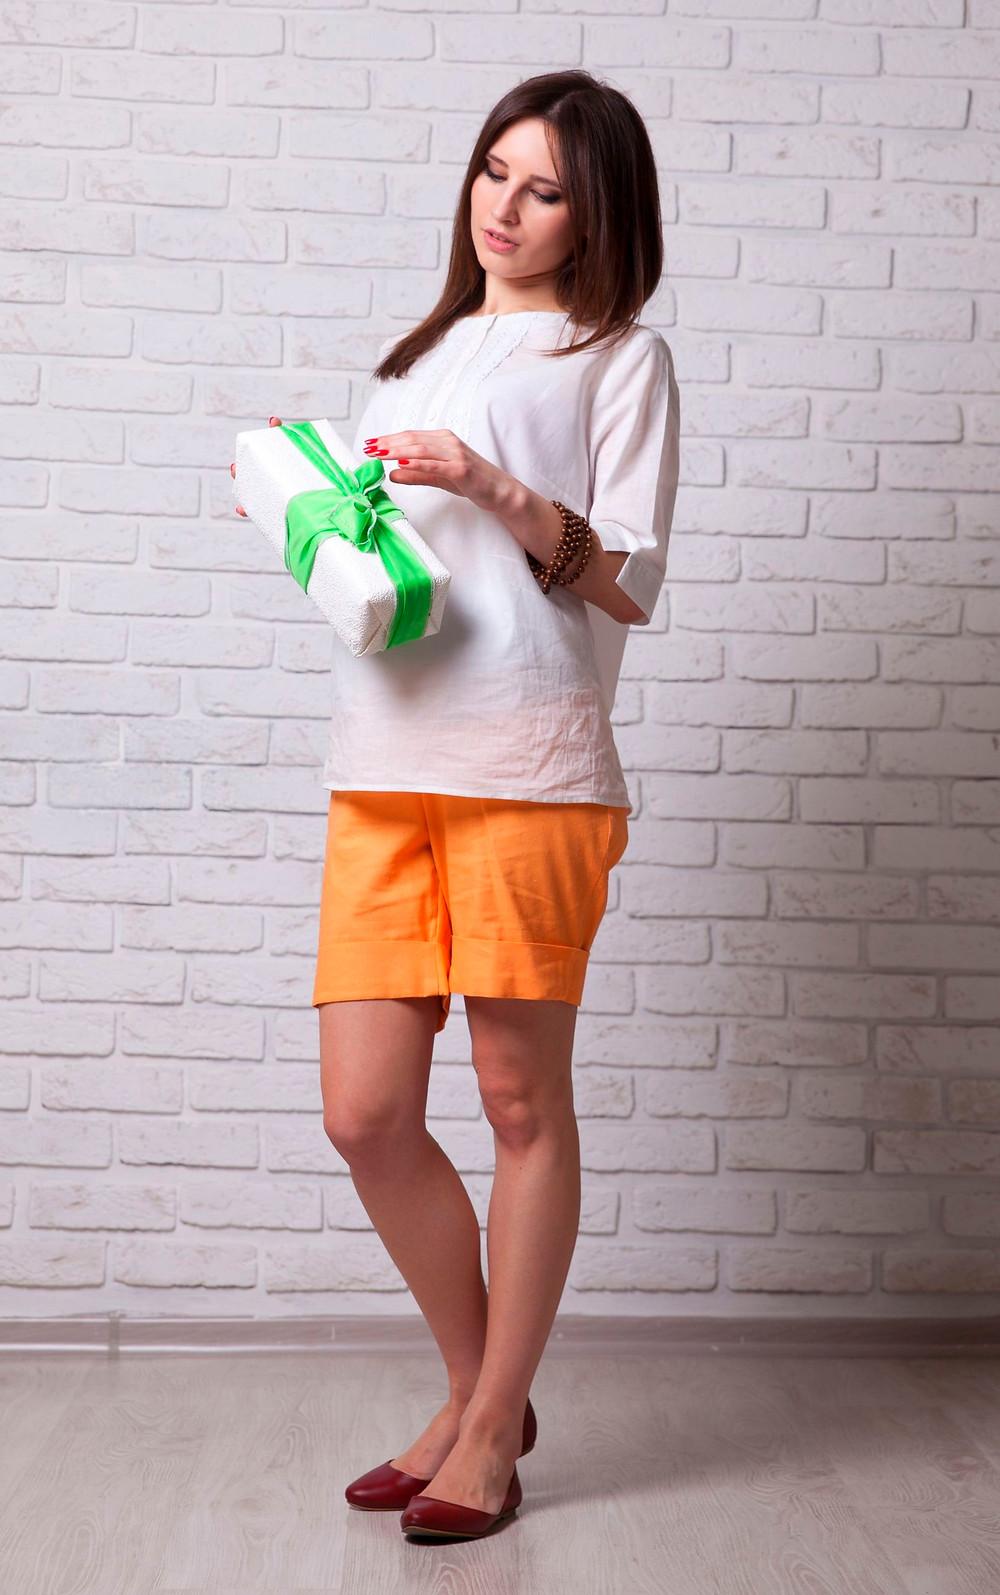 Одяг для вагітних акція - якісний одяг з натуральної тканини купити у виробника